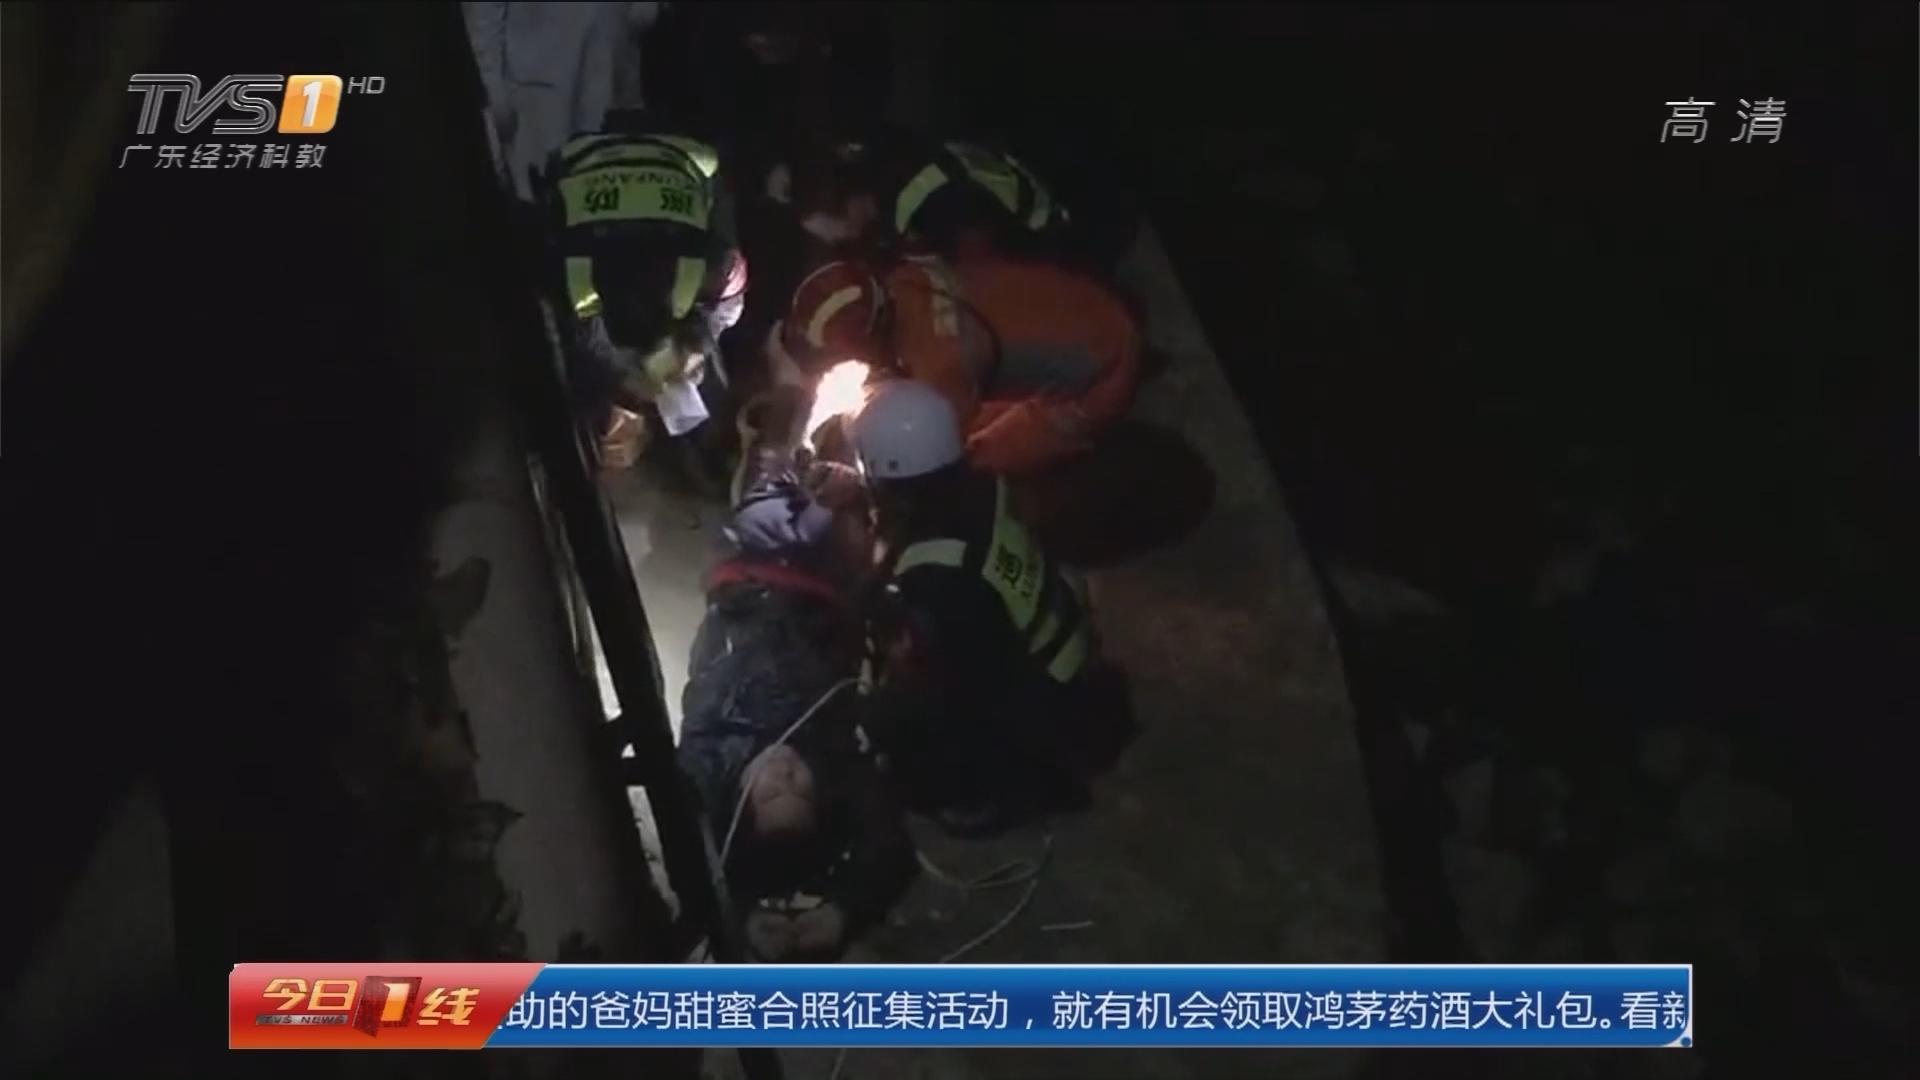 深圳龙岗:劫匪慌不择路跳河 民警消防相救